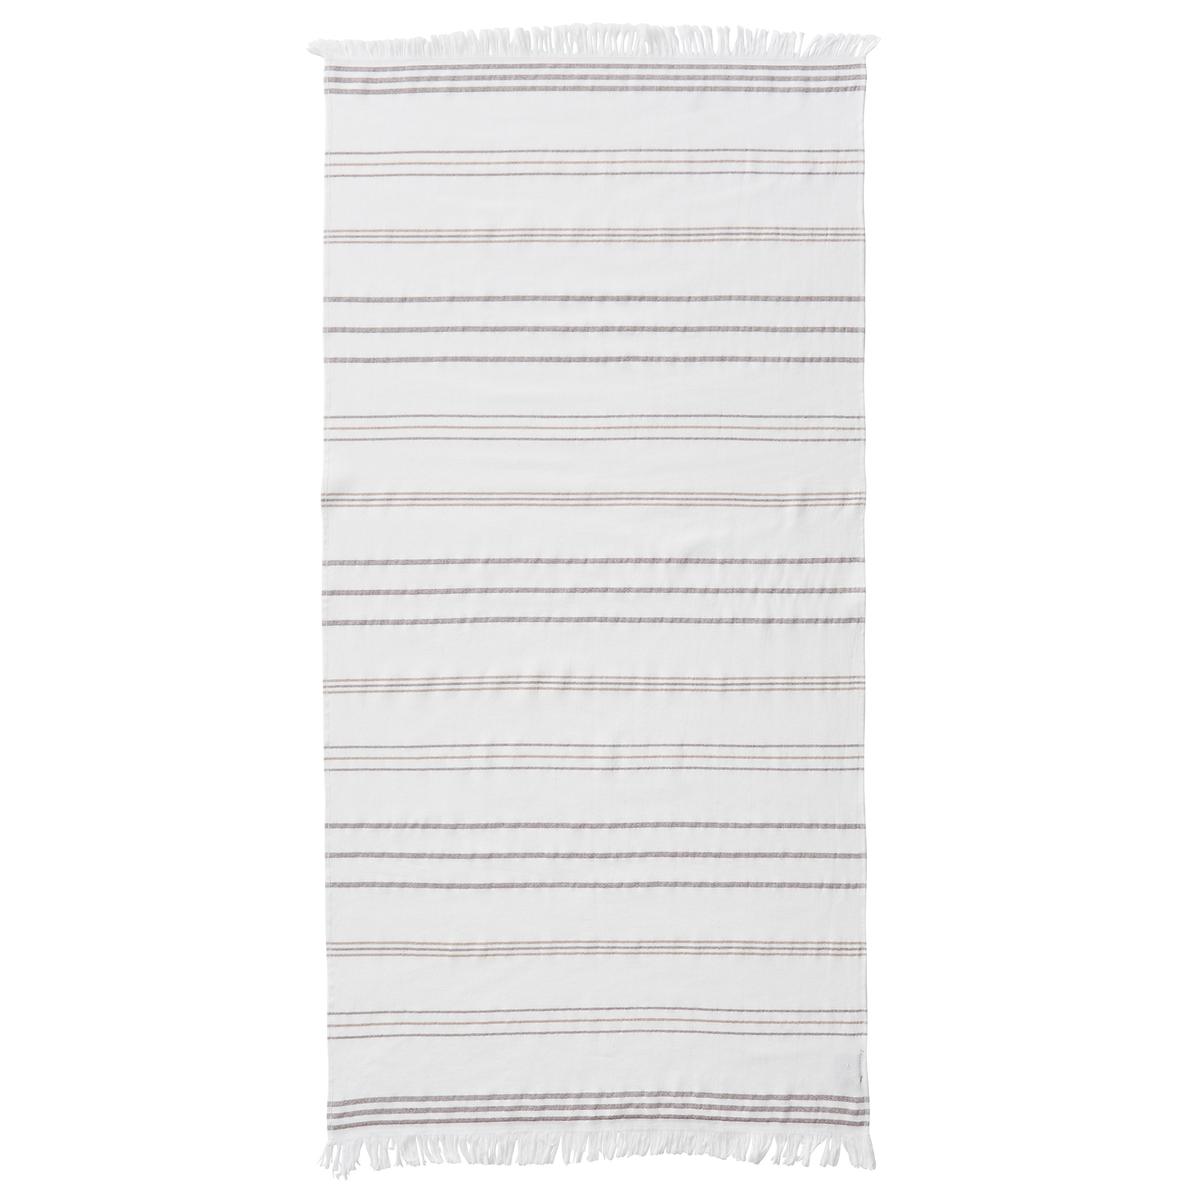 Полотенце пляжное IspartaПляжное полотенце Isparta. Традиционное полотенце для посещений  хамамов в Тунисе теперь используется как пляжное. Описание пляжного полотенца  Isparta :Рисунок в тонкую полоску, отделка бахромойХарактеристики пляжного полотенца Isparta :100% хлопок.300 г/м?.Машинная стирка при 40 °С.Размеры пляжного полотенца Isparta :70 x 140 см<br><br>Цвет: карамель,розовый,темно-синий